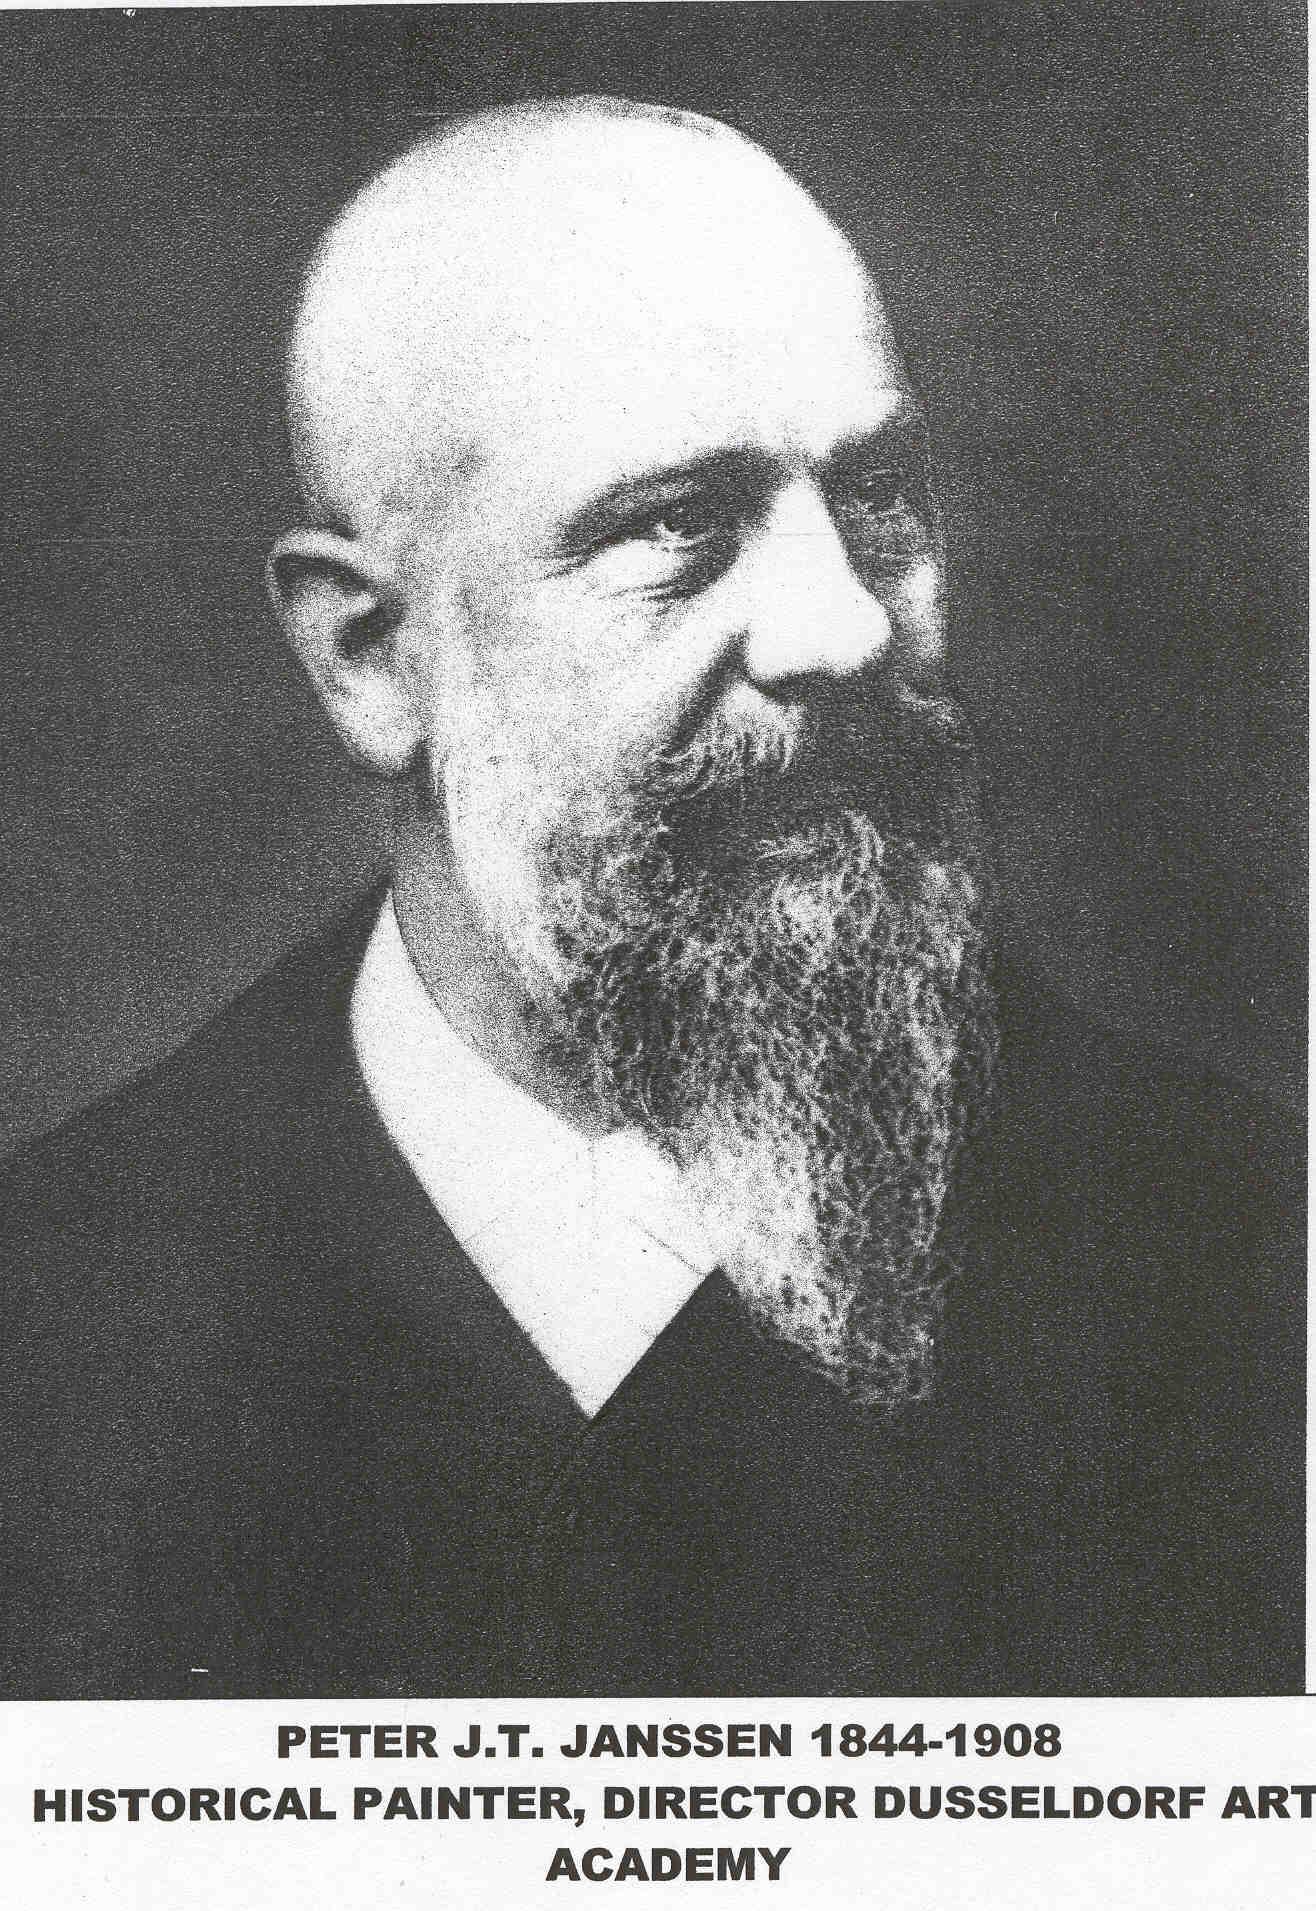 Prof. Peter Janssen 1844-1908